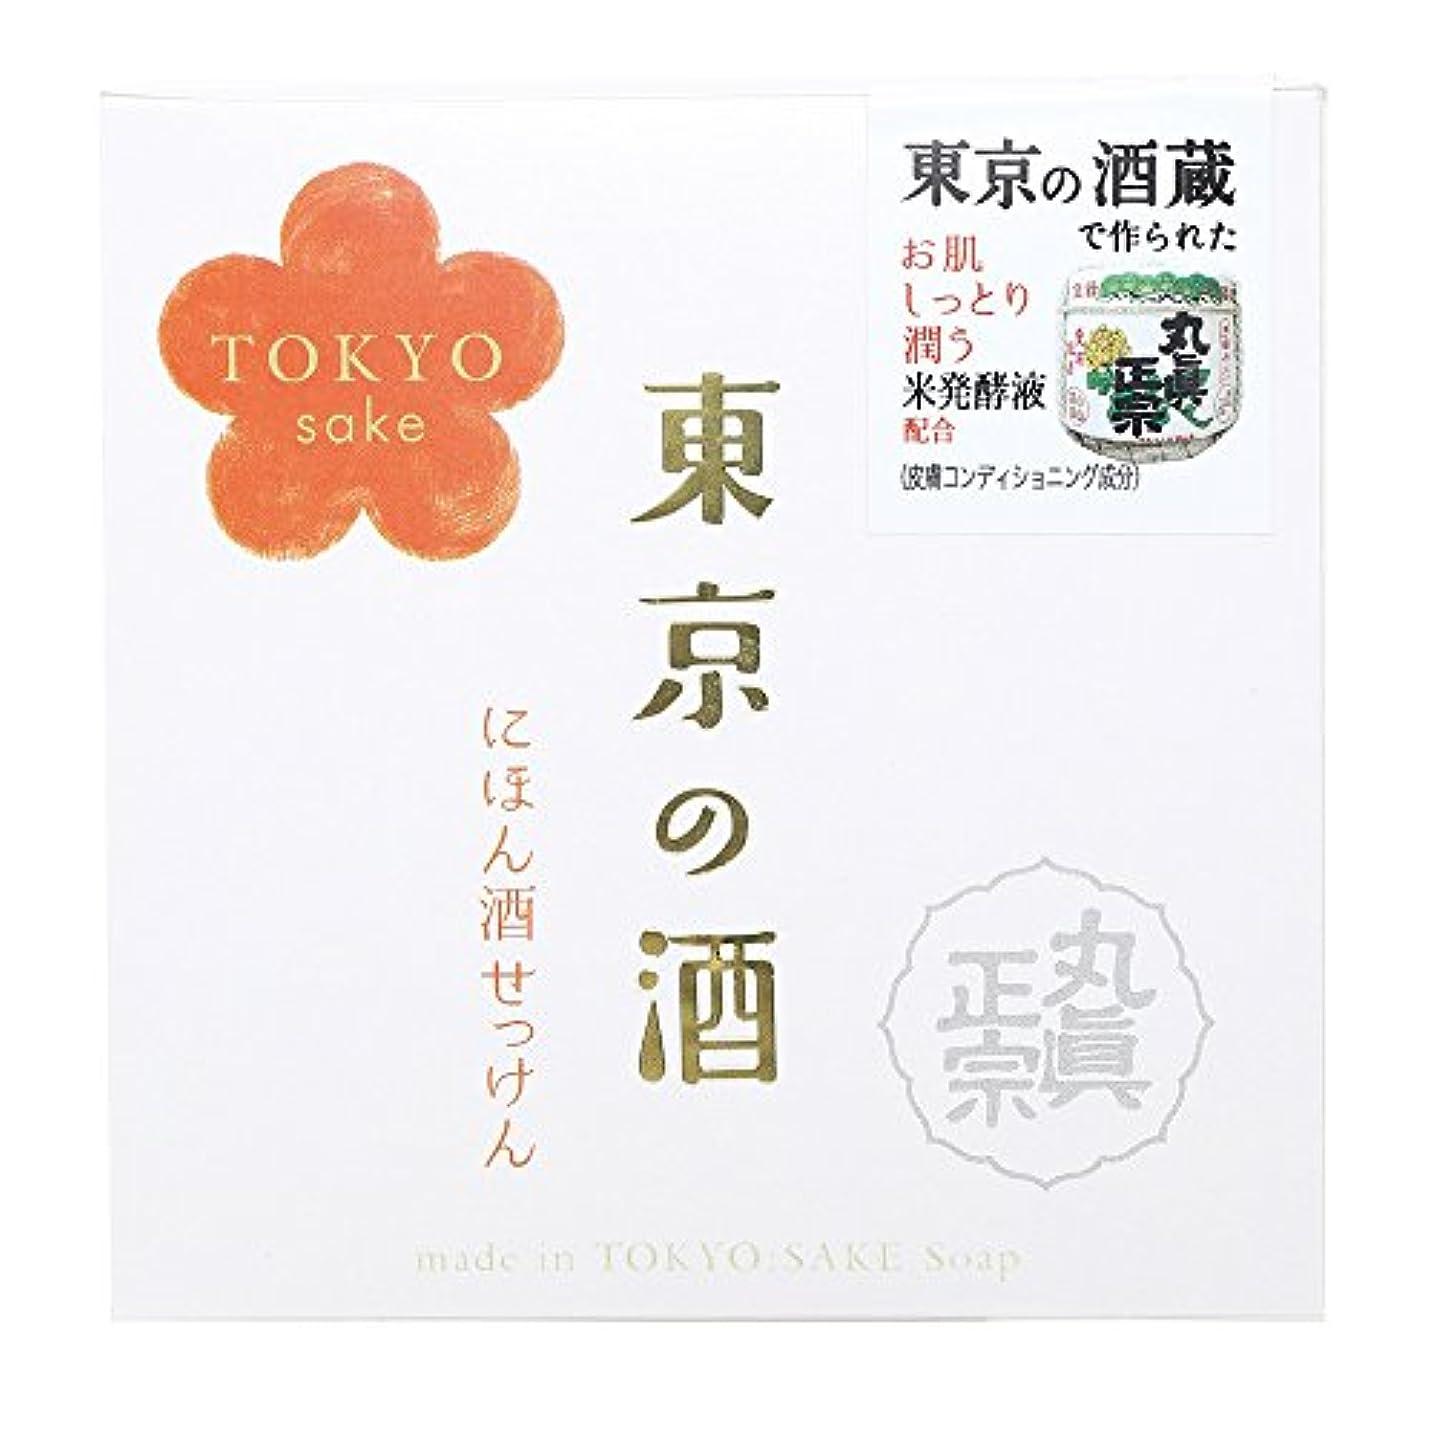 タイト救急車エンジンノルコーポレーション 東京の酒 石けん OB-TKY-1-1 100g